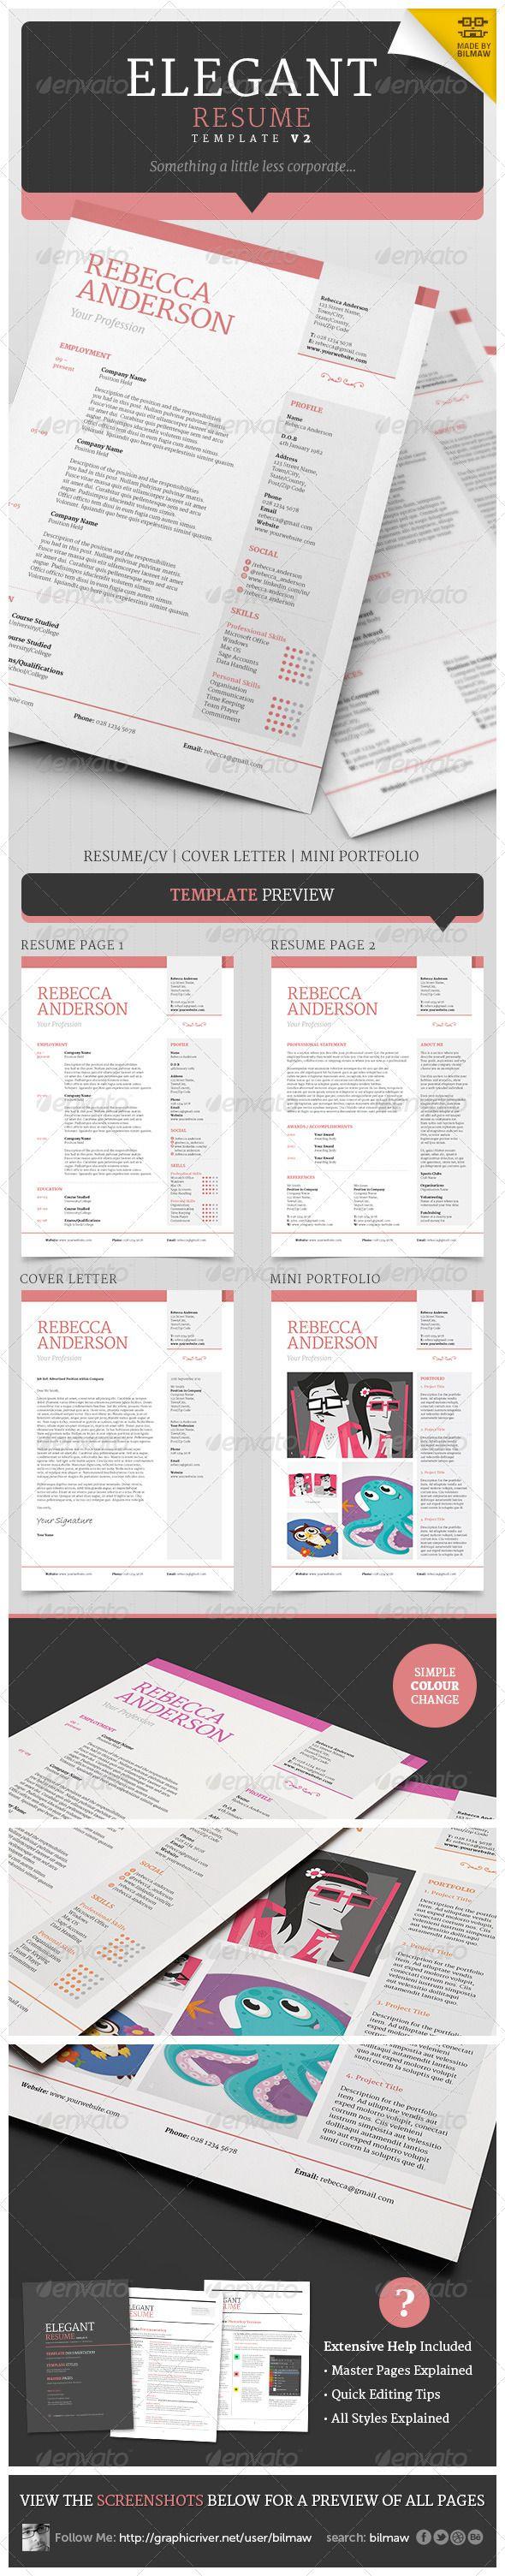 Elegant Resume/CV Template PSD, InDesign INDD. Download here: http://graphicriver.net/item/-elegant-resumecv-v2/7176244?s_rank=1777&ref=yinkira